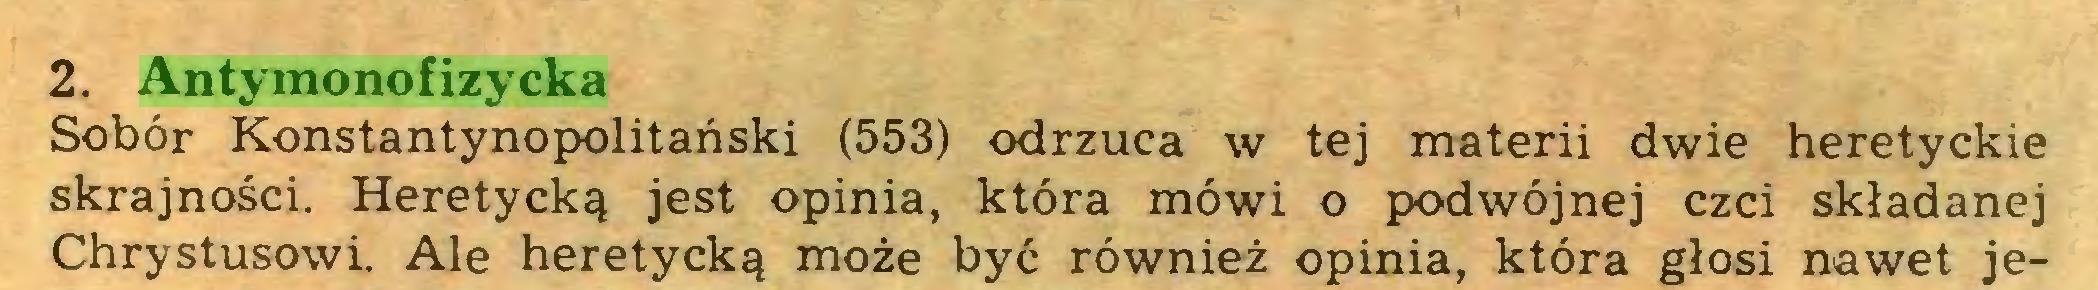 (...) 2. Antymonofizycka Sobór Konstantynopolitański (553) odrzuca w tej materii dwie heretyckie skrajności. Heretycką jest opinia, która mówi o podwójnej czci składanej Chrystusowi. Ale heretycką może być również opinia, która głosi nawet je...